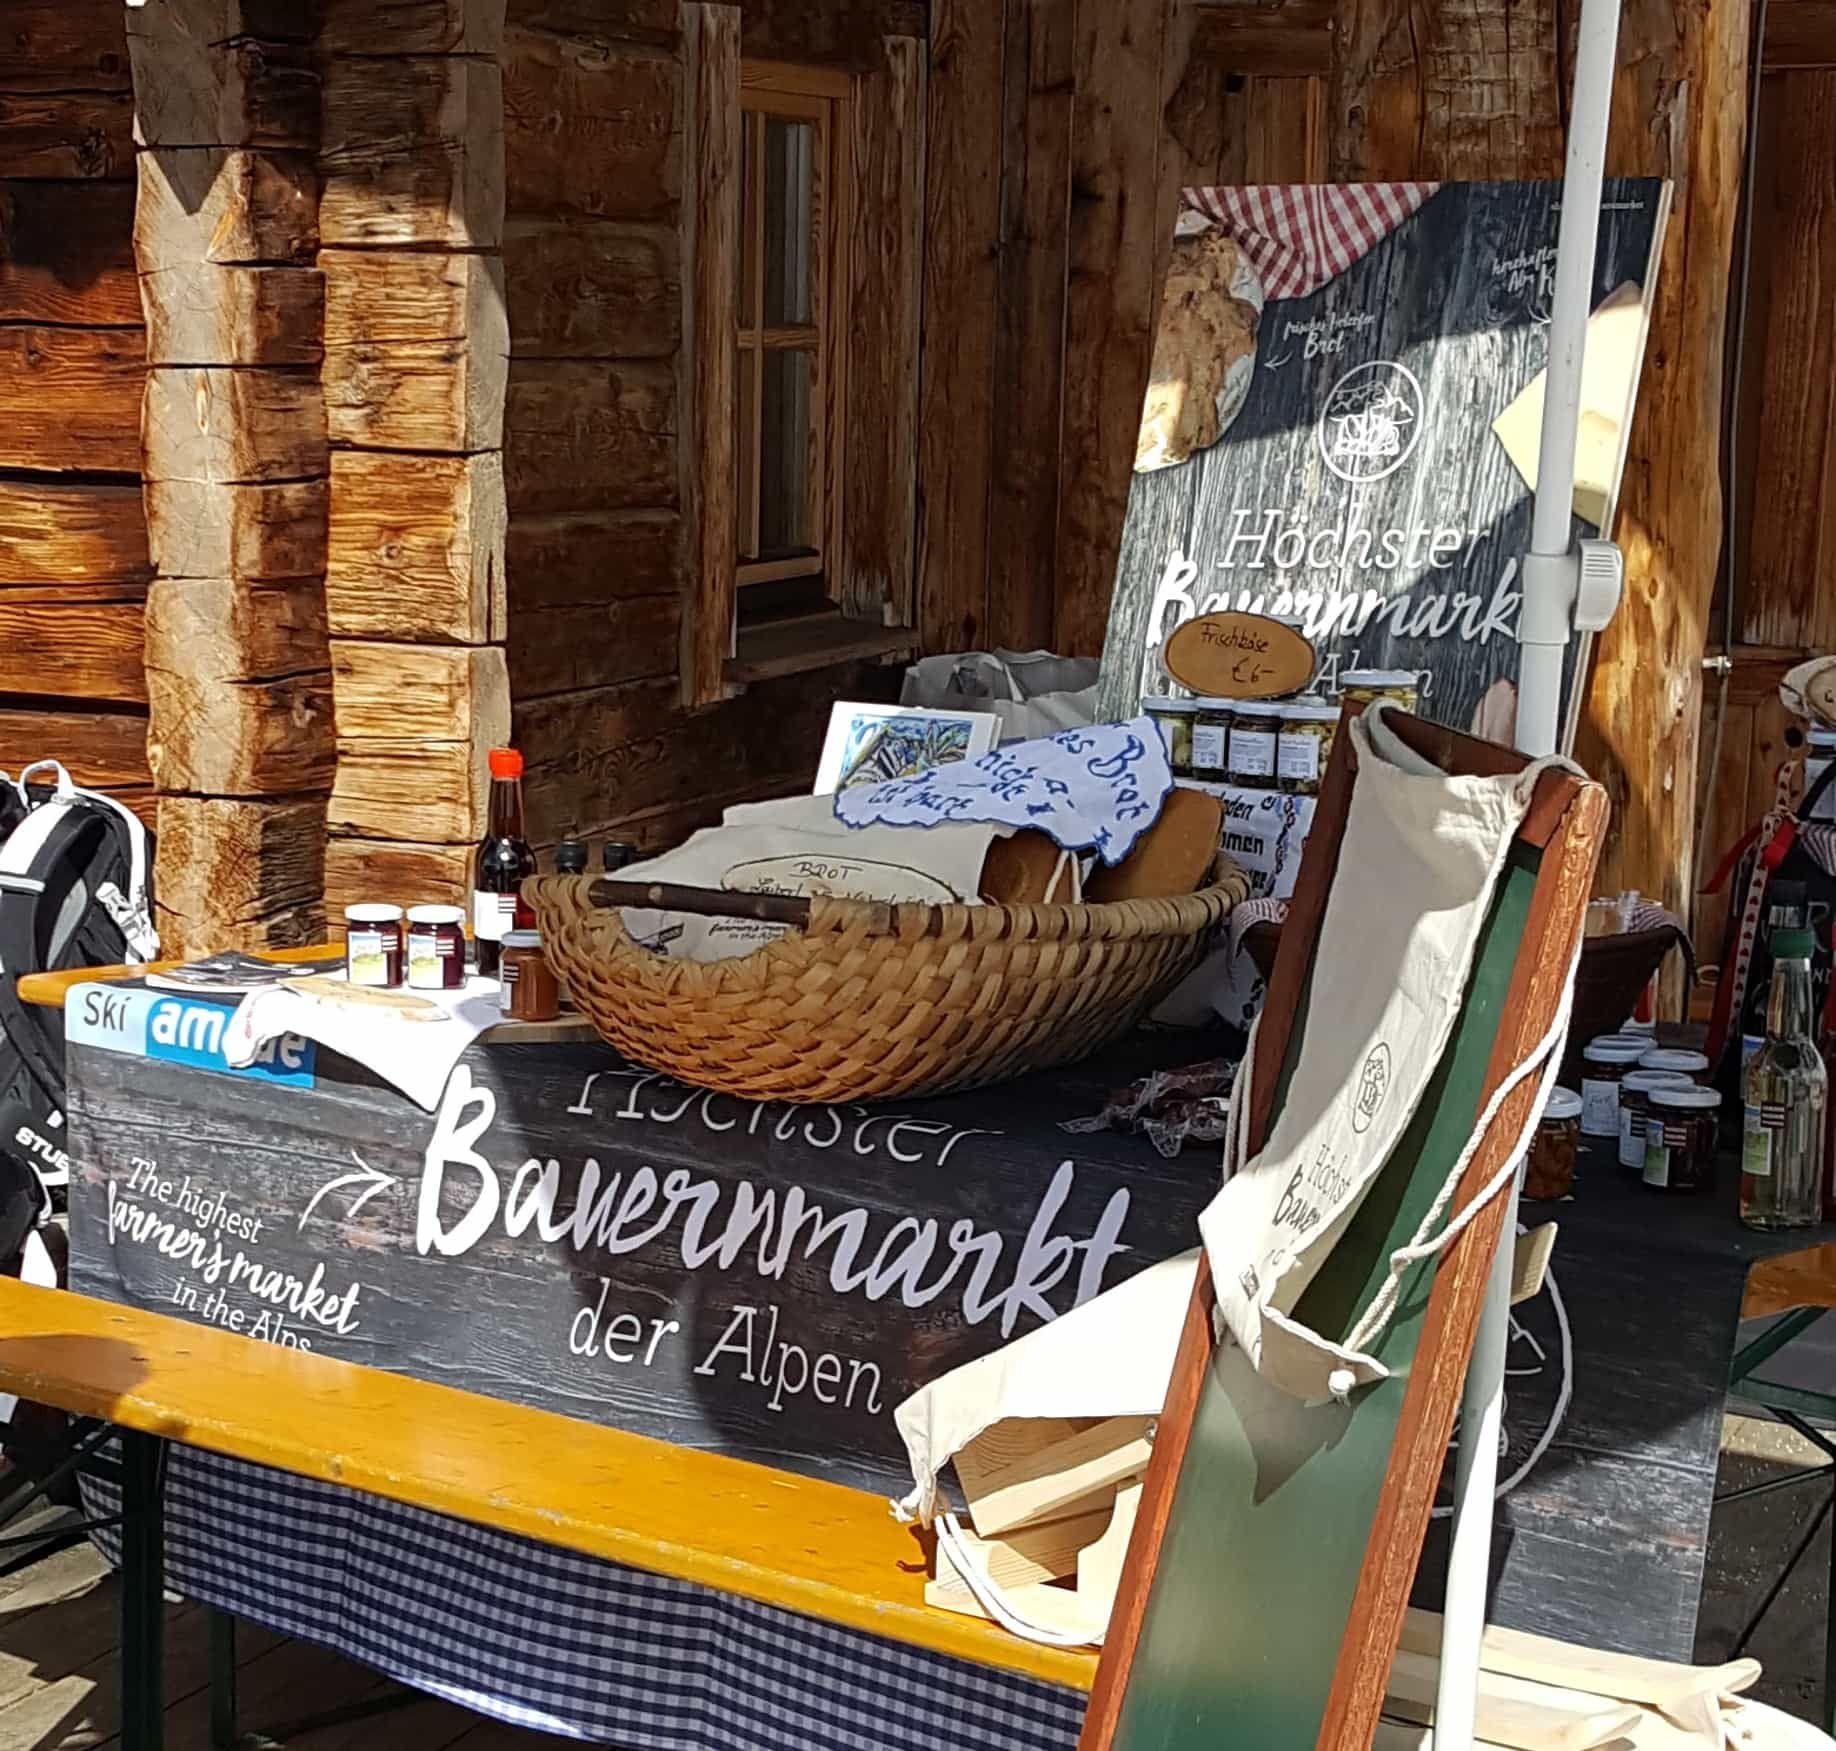 Ski amadé Hochkönig: Skihüttenroas